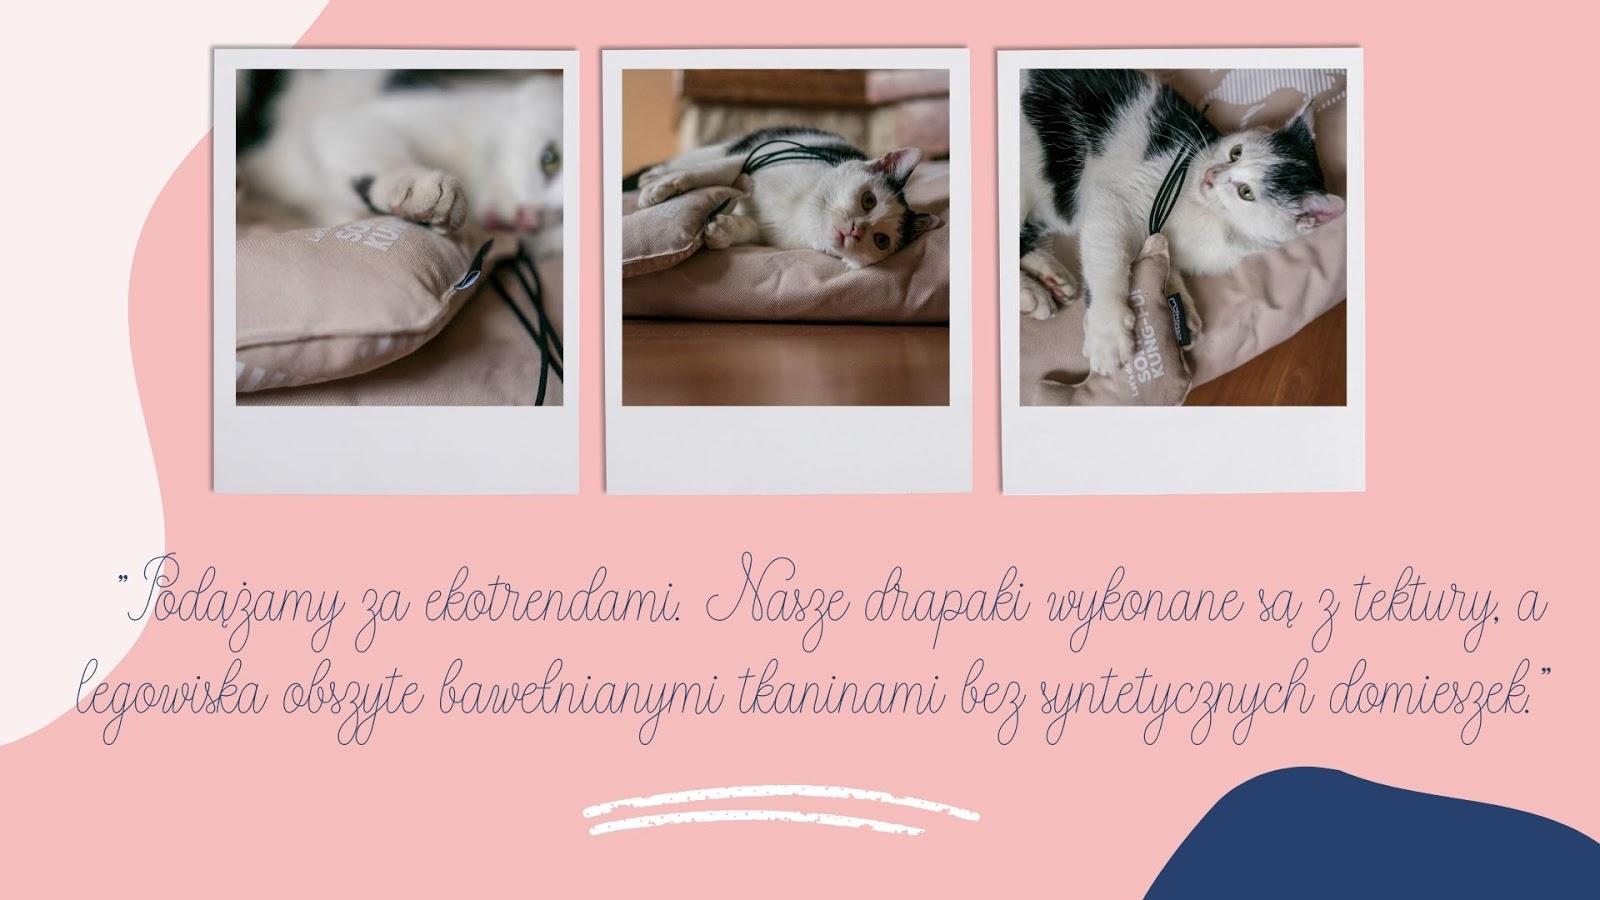 12 wyprawka dla małego kotka co trzeba kupić kotu prezent dla kota zabawki eko drapak co musi mieć kot jakie legowisko zabawki dla kota mykotty opinia ceny